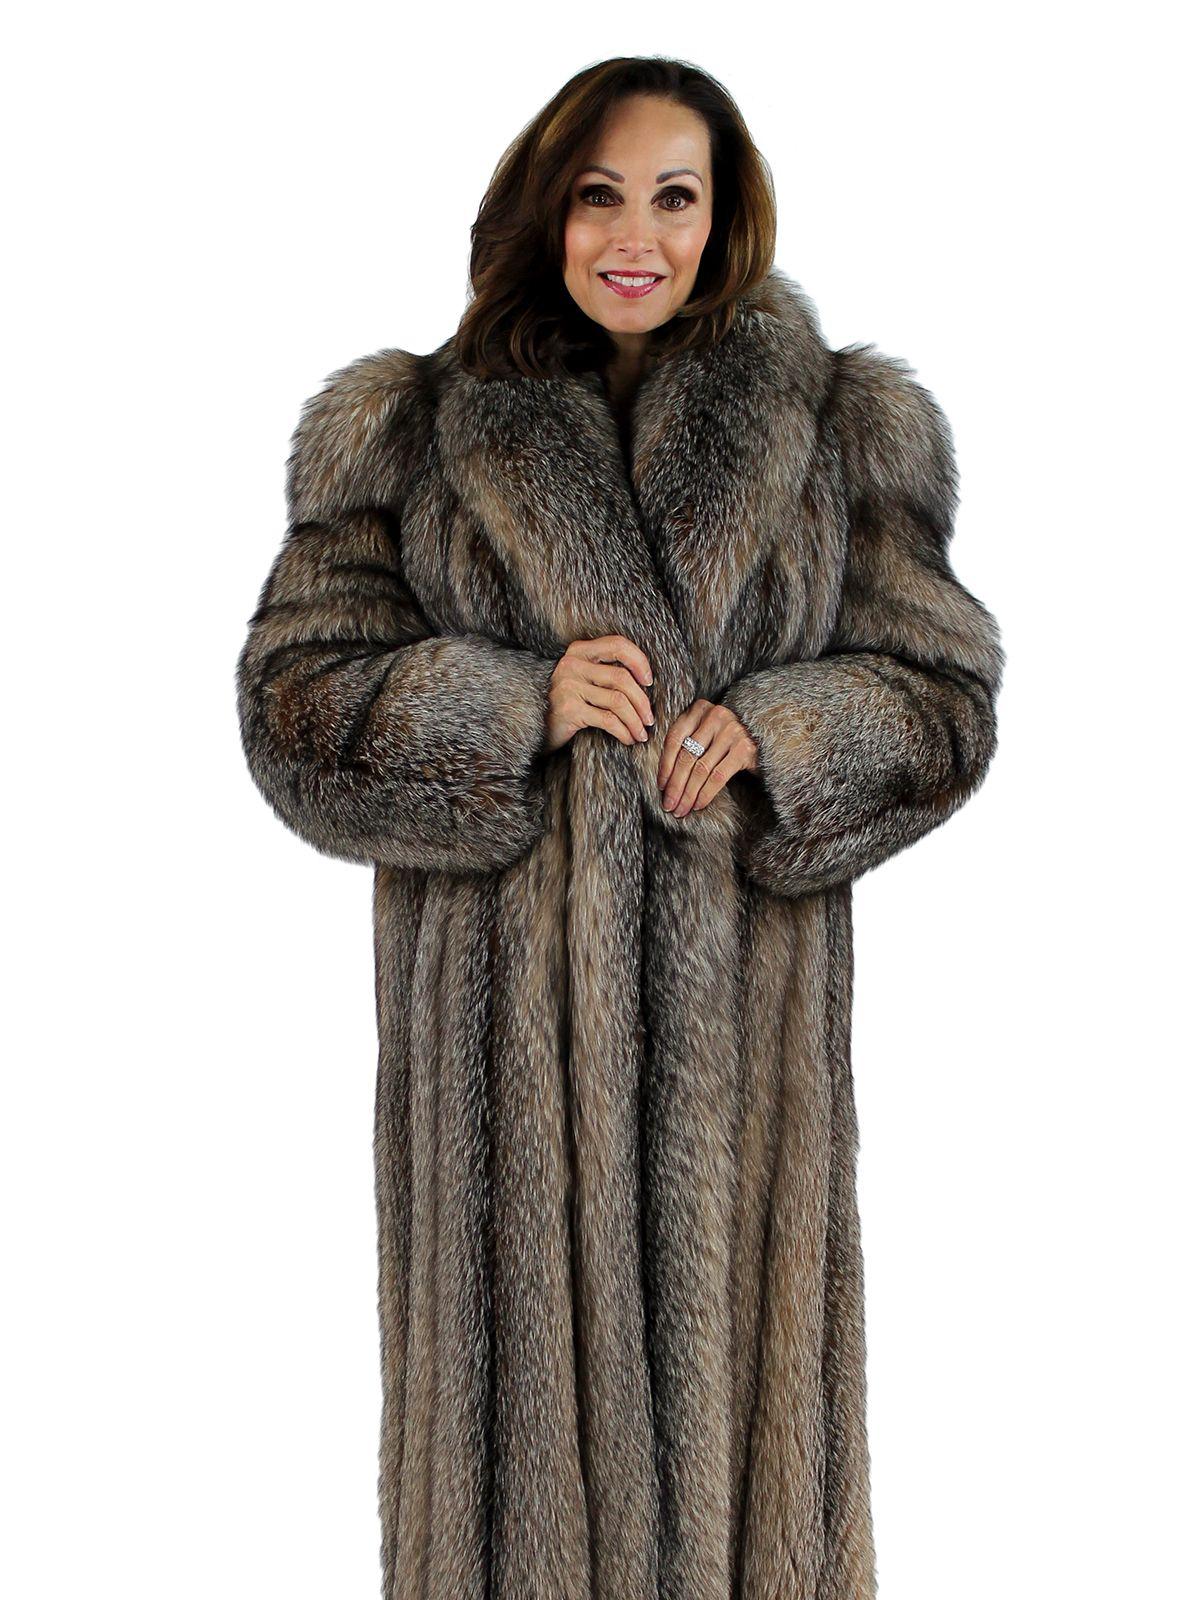 Coyote Fur Coat Womens Large Estate Furs >> Crystal Fox Fur Coat Women S Large Fur Board 21121222 Velvet